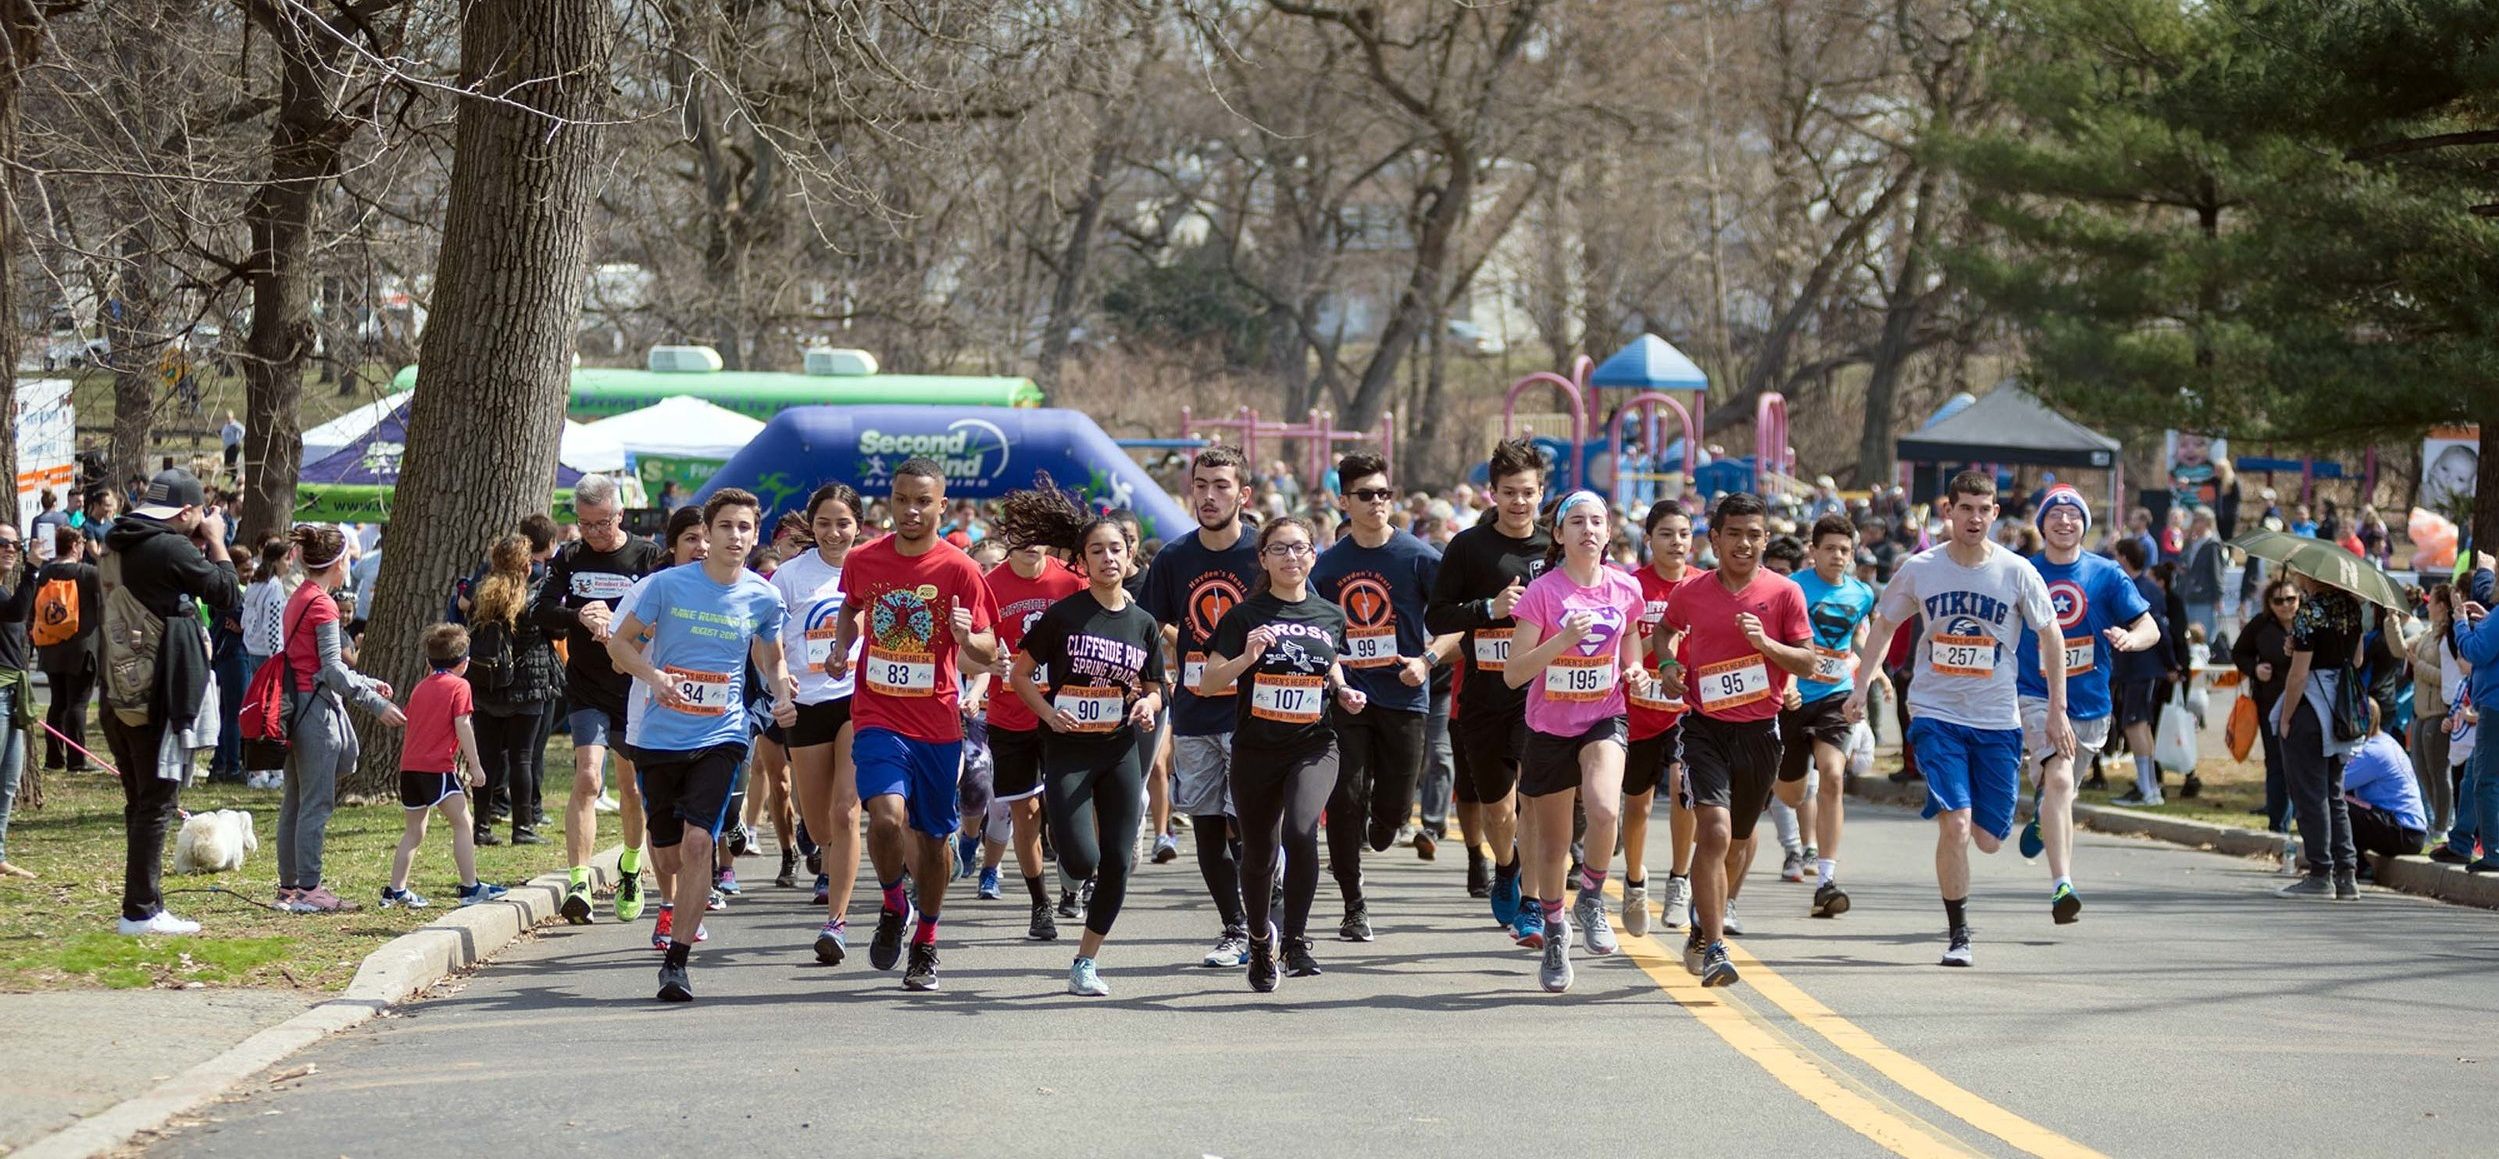 2019-03-30 Haydens Heart 5k - Riverside County Park - North Arlington NJ-101.jpg